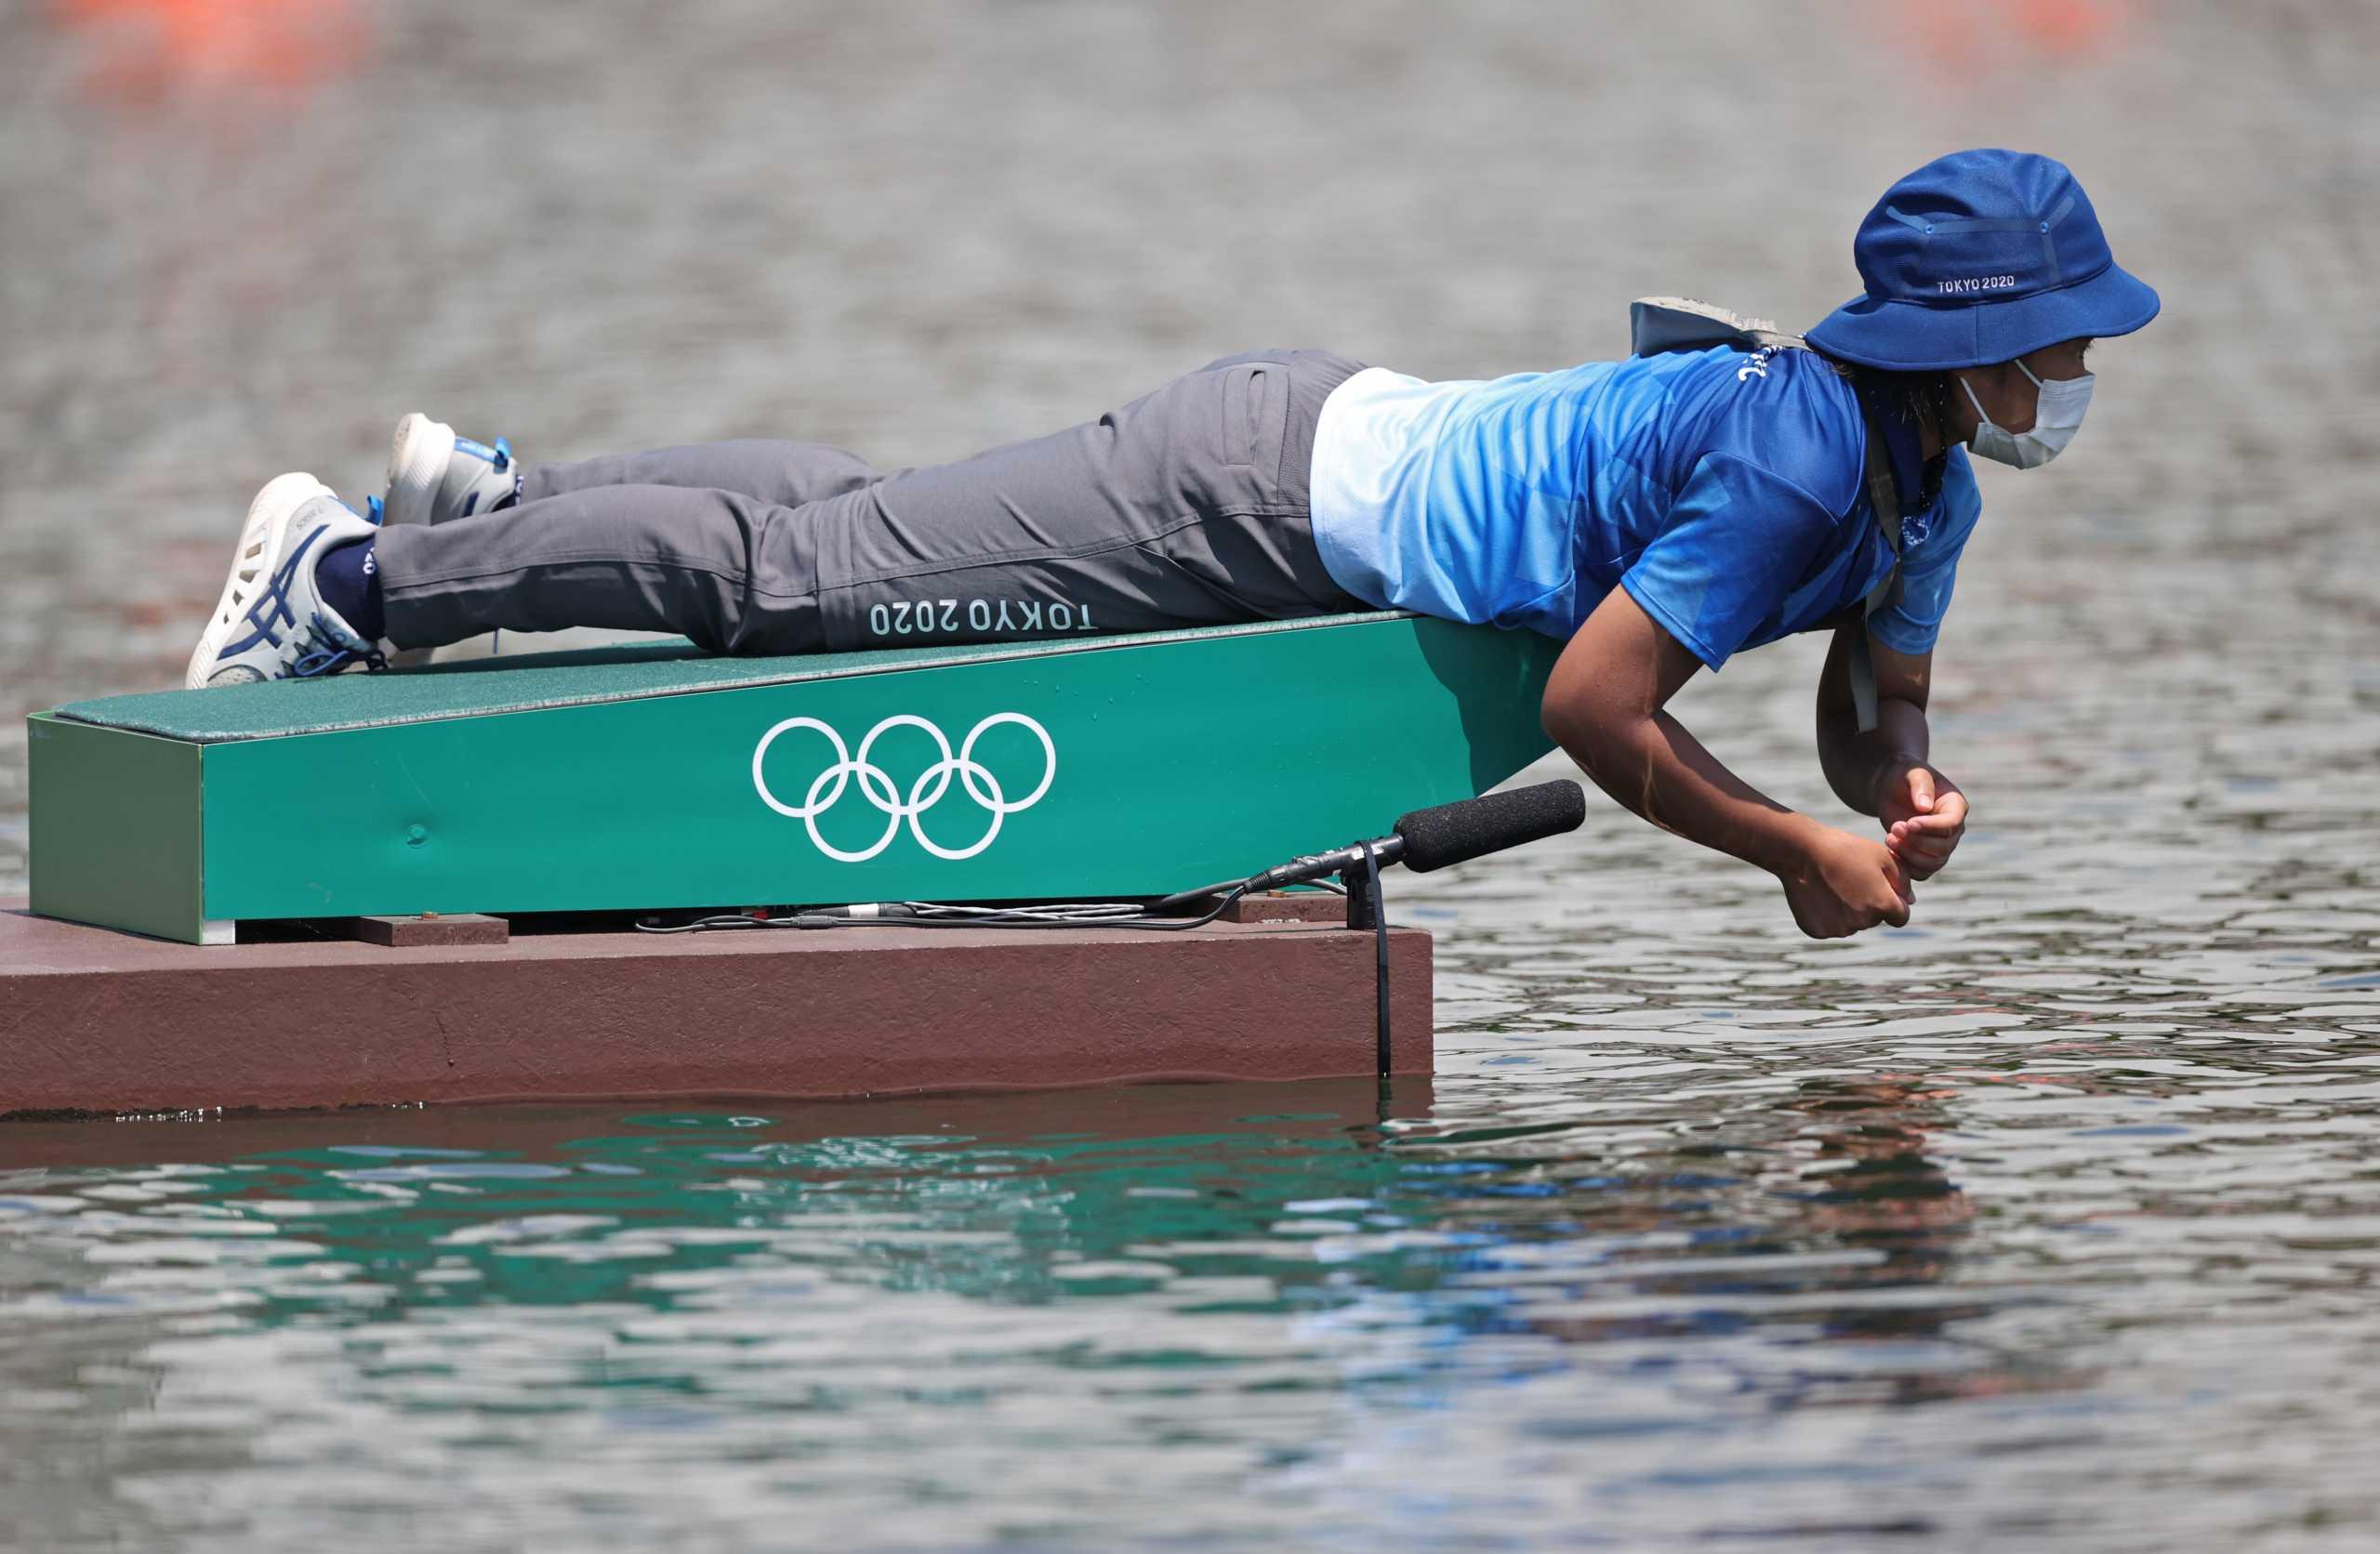 Ολυμπιακοί Αγώνες: Σε επαναληπτικό αγώνα οι Μαρία Κυρίδου και Χριστίνα Μπούρμπου